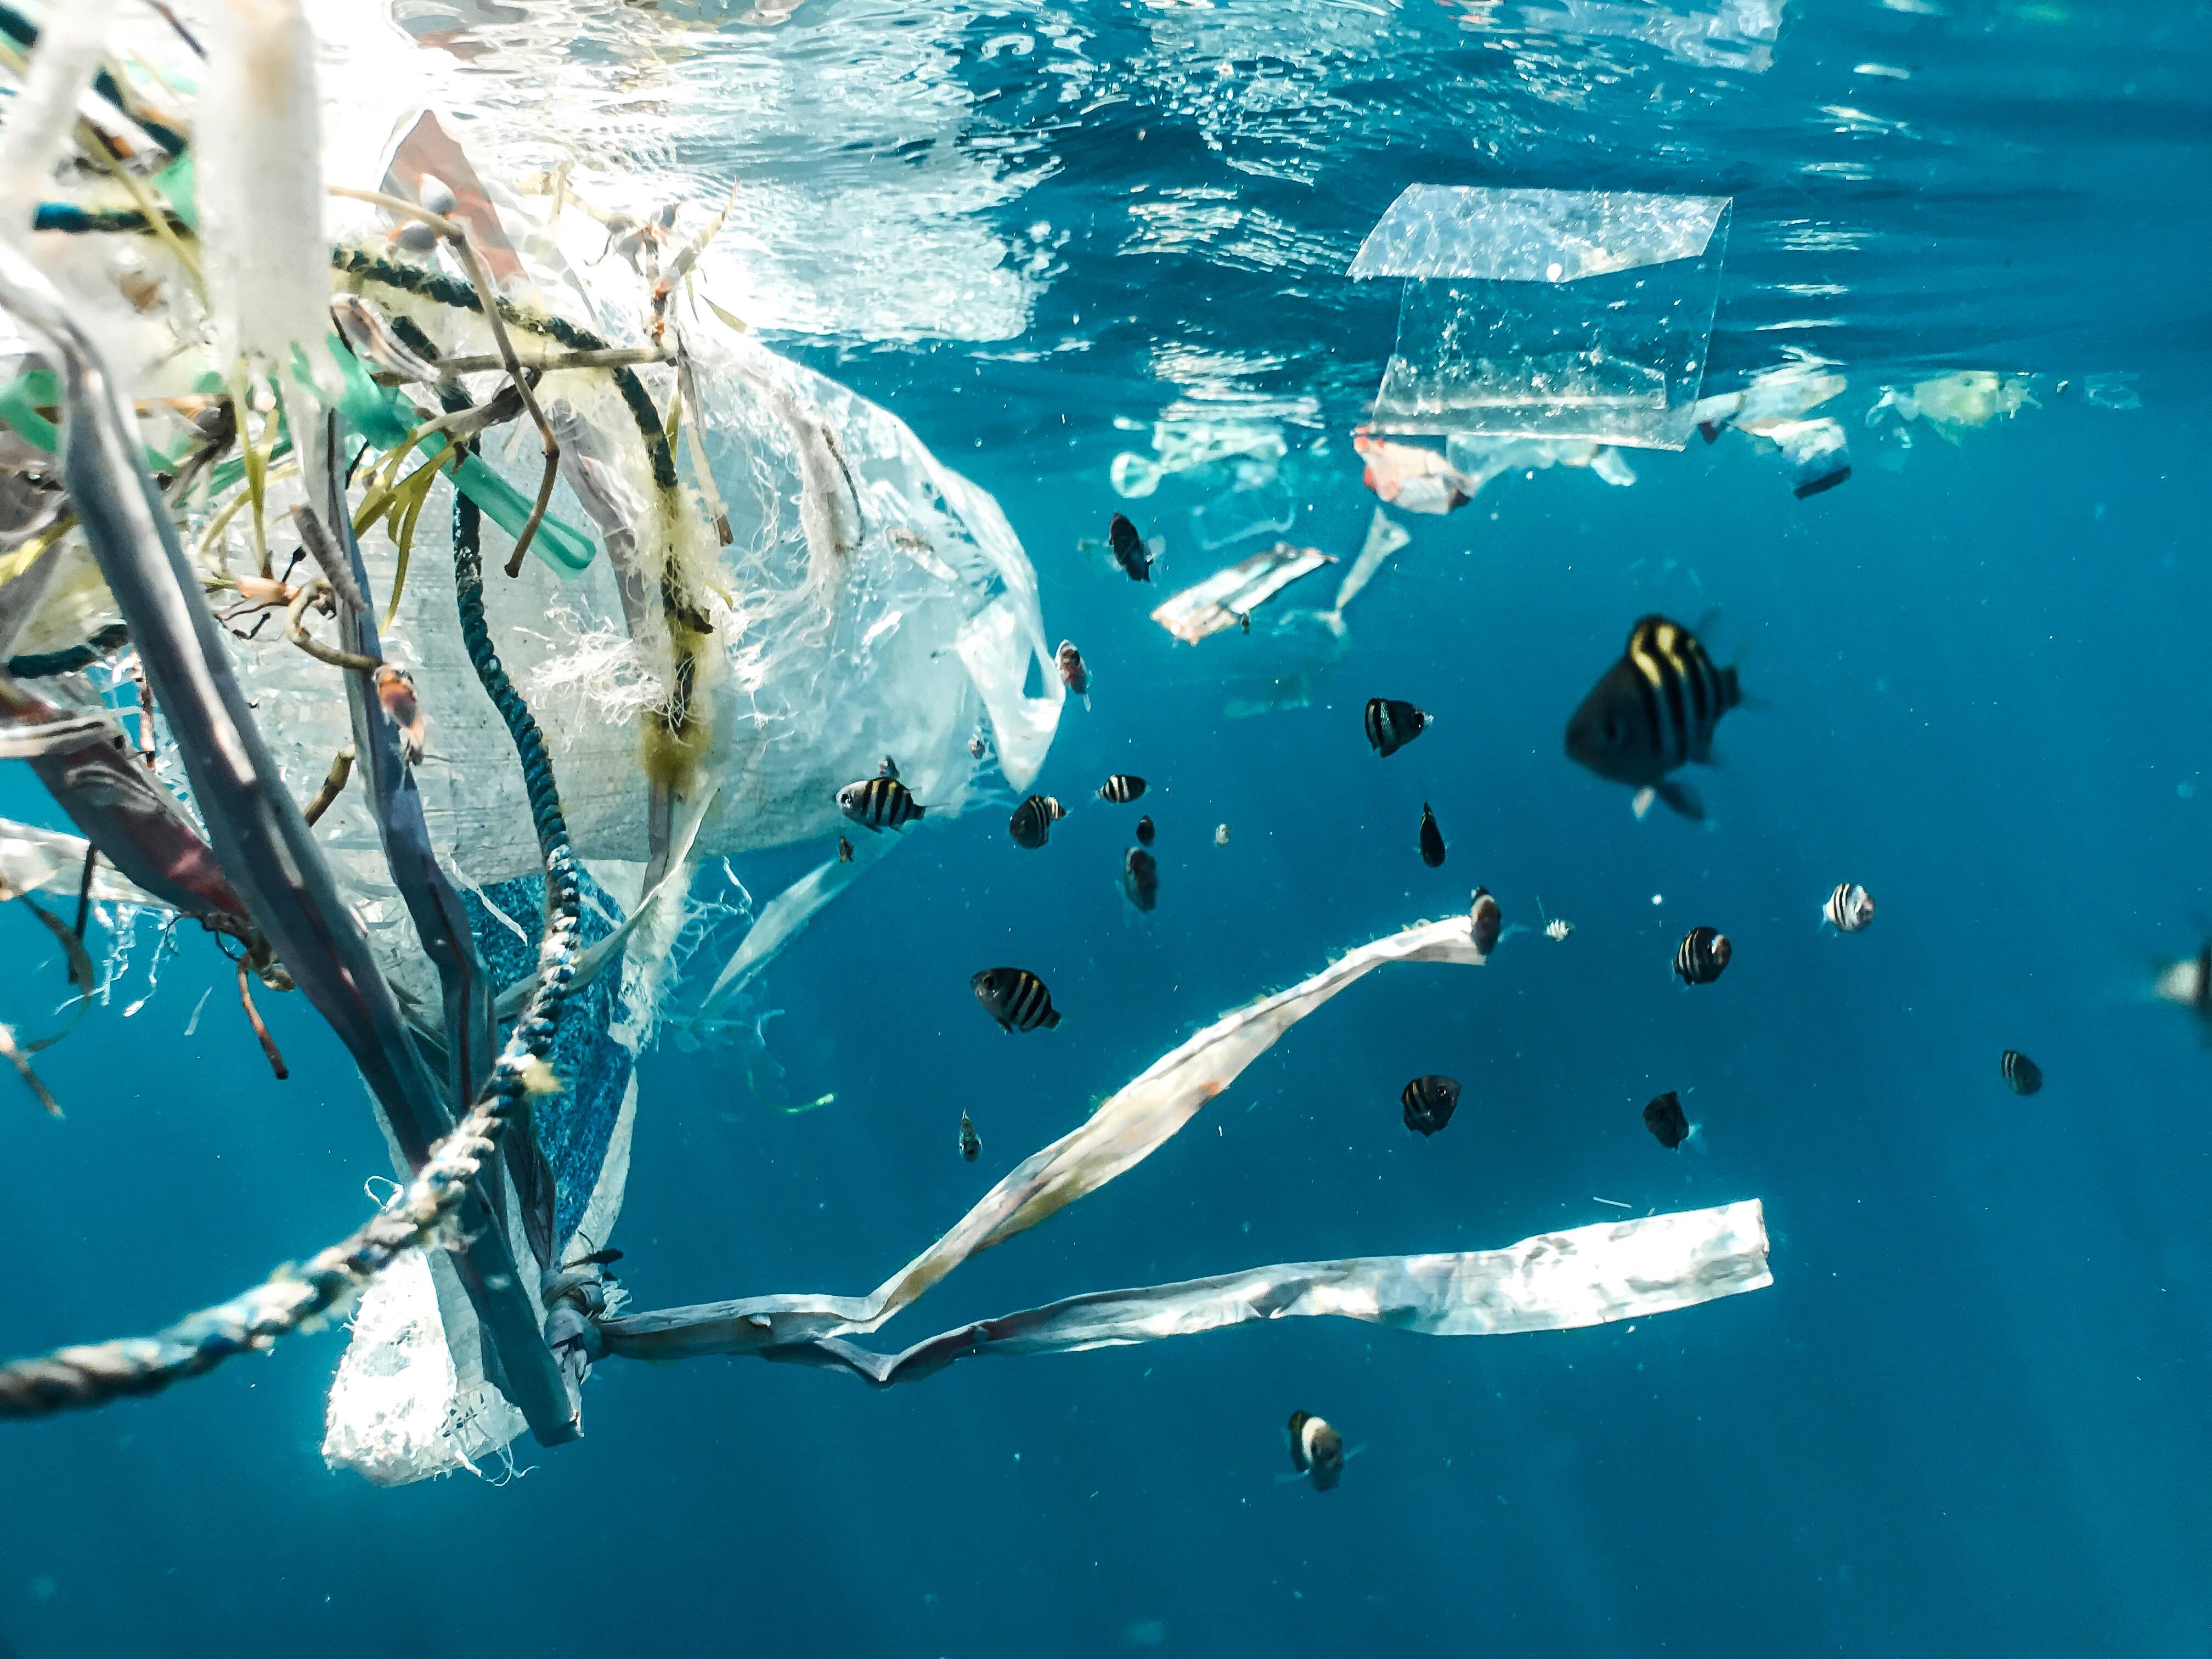 Plastic Pollution - photo by Naja Bertolt Jenzen-BJUoZu0mpt0-unsplash.jpg